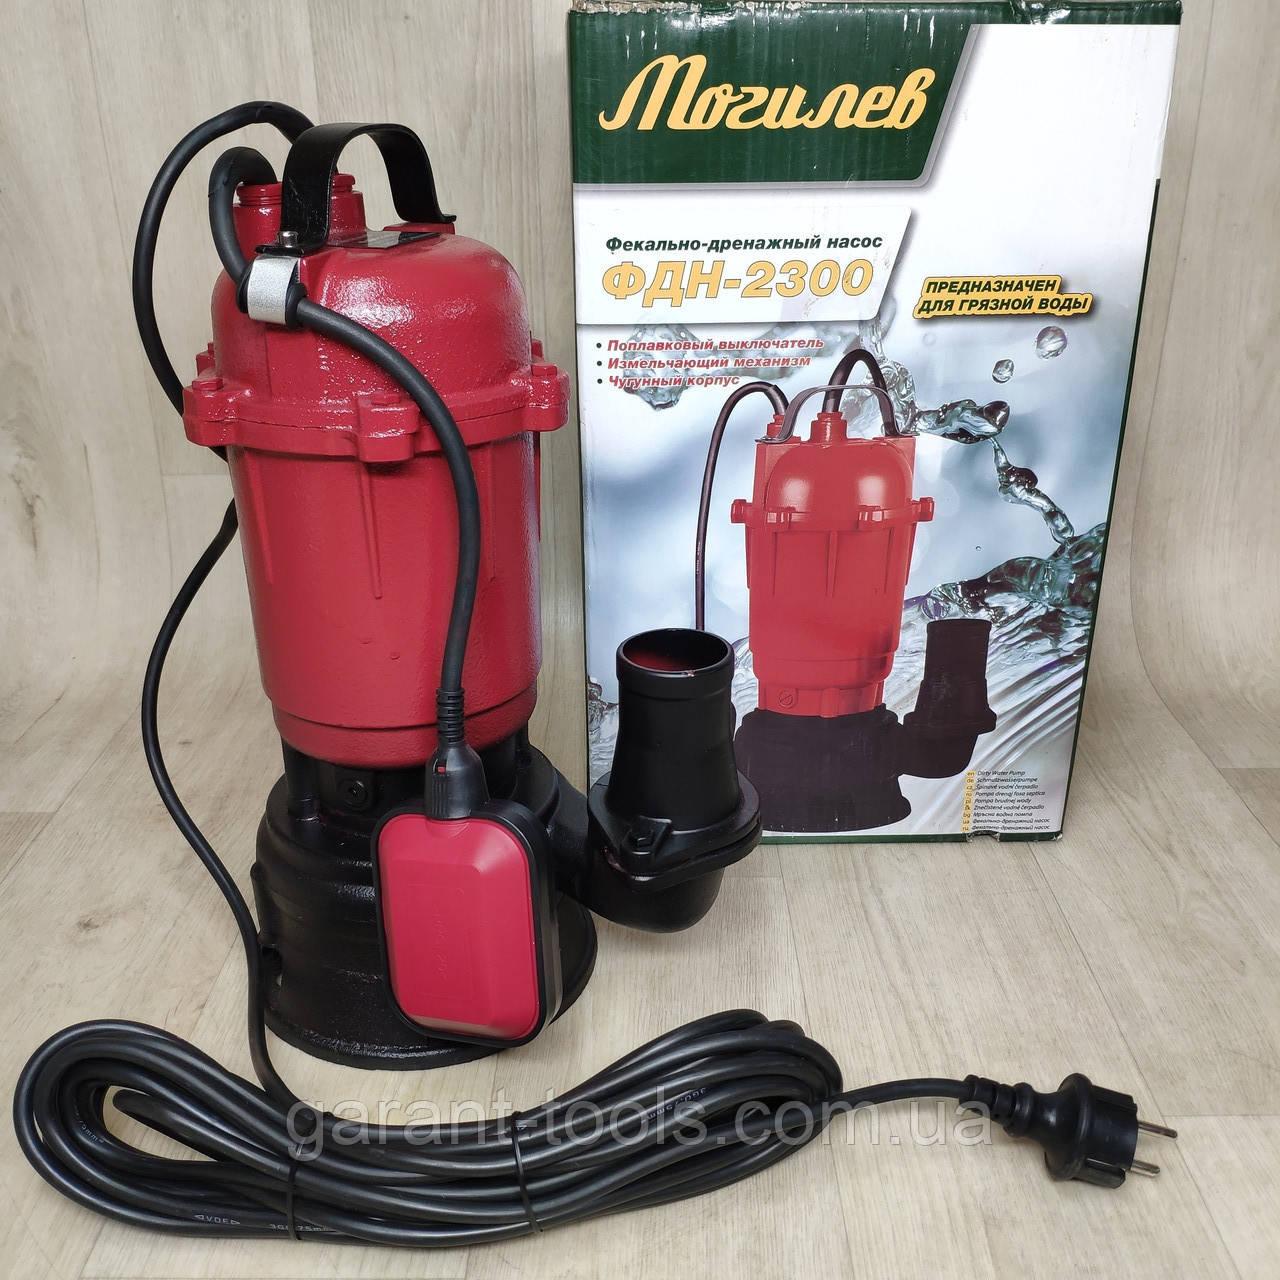 Фекально-дренажный насос Могилёв ФДН-2300 для грязной воды с поплавком